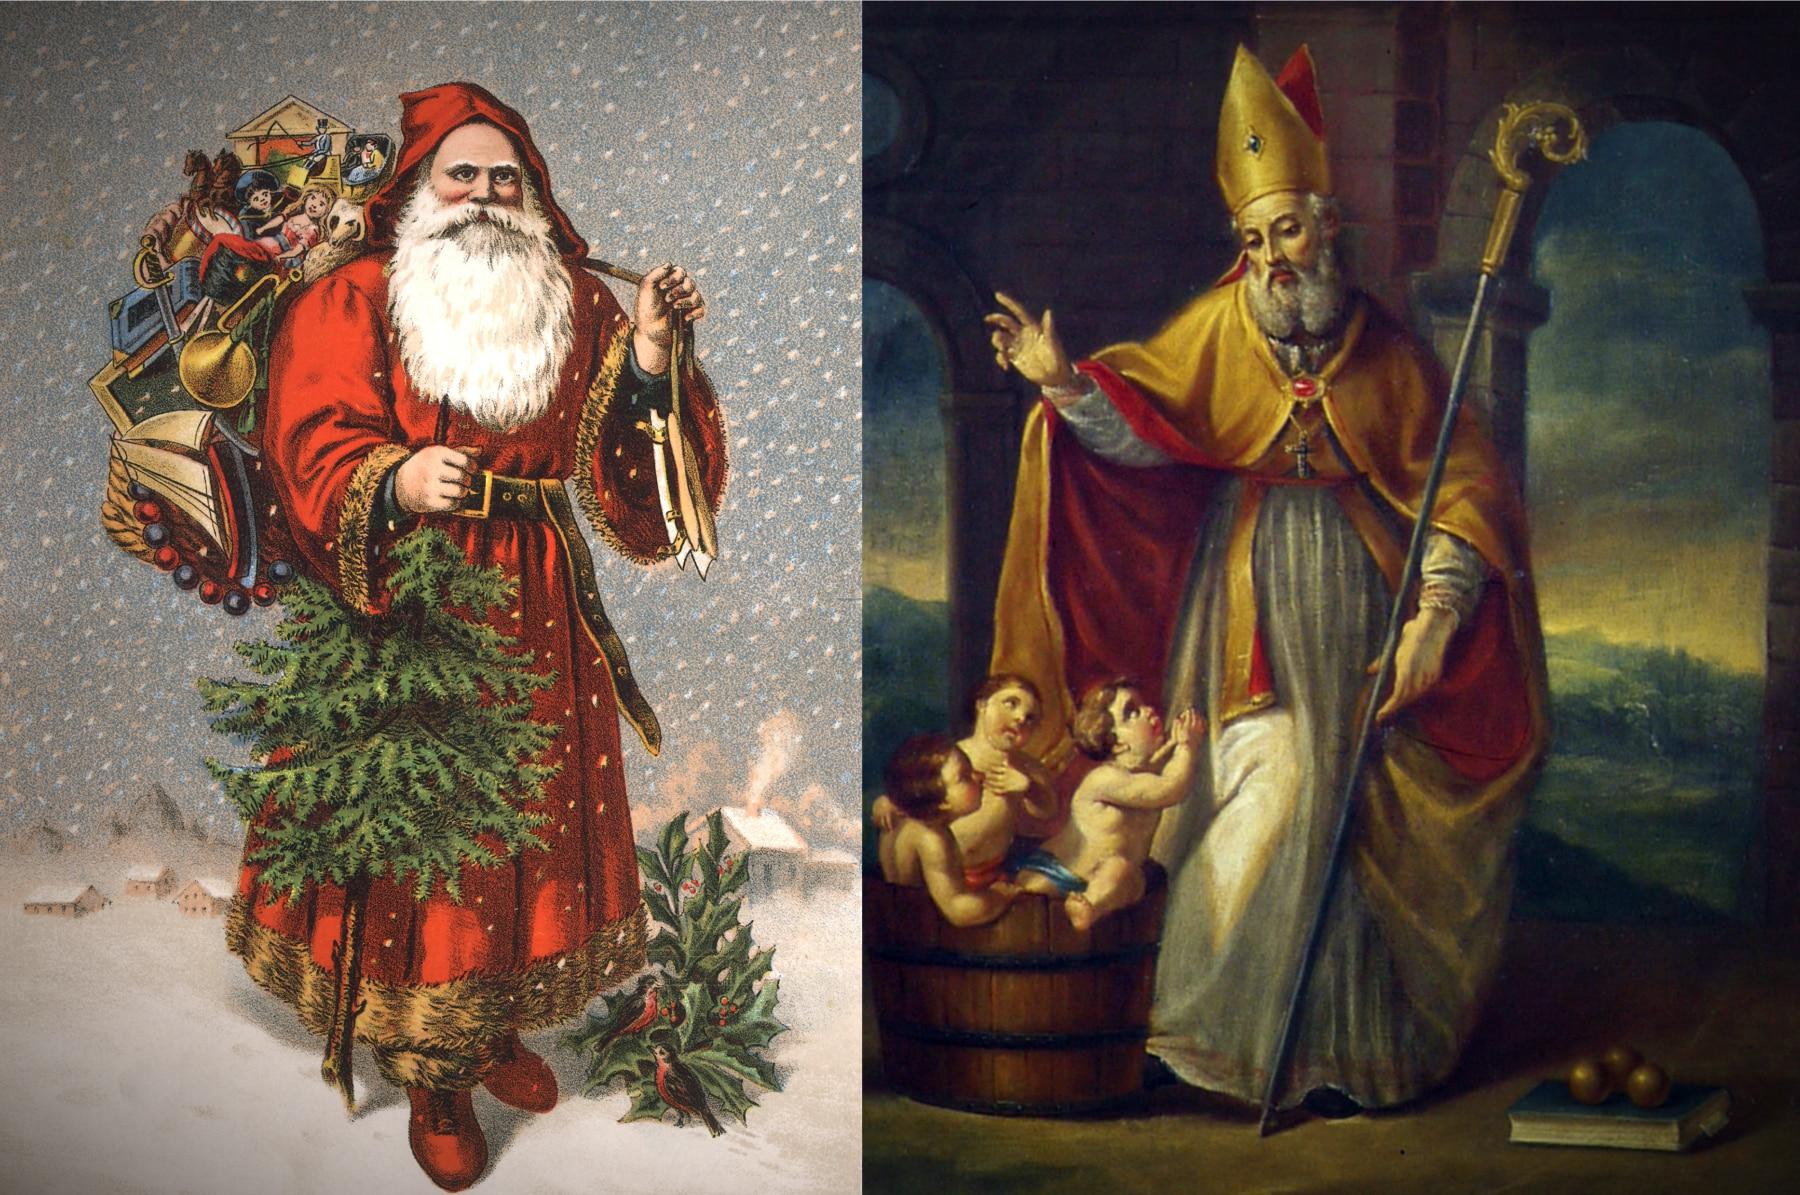 Babbo Natale Wikipedia.San Nicola E La Leggenda Di Babbo Natale Focus It